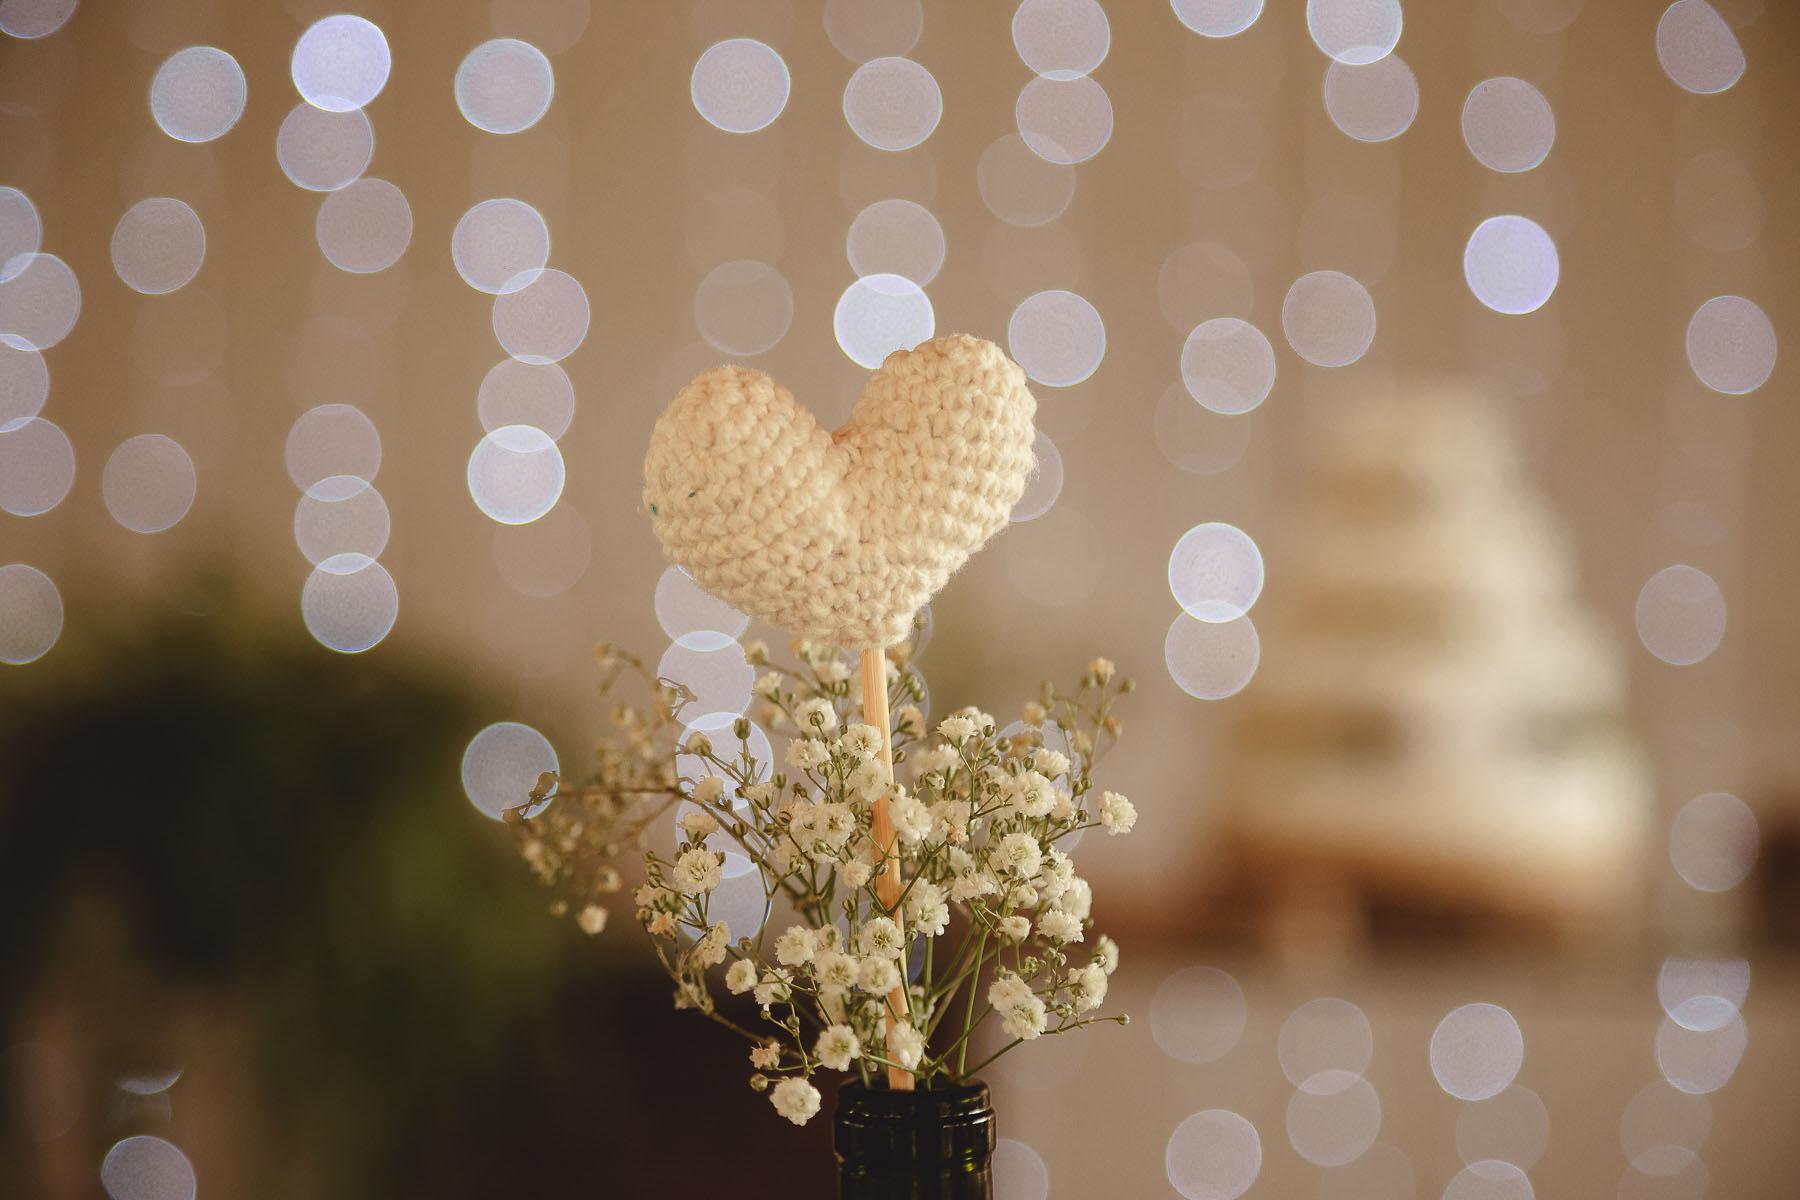 Casamento Rústico - Decoração DIY com Crochê